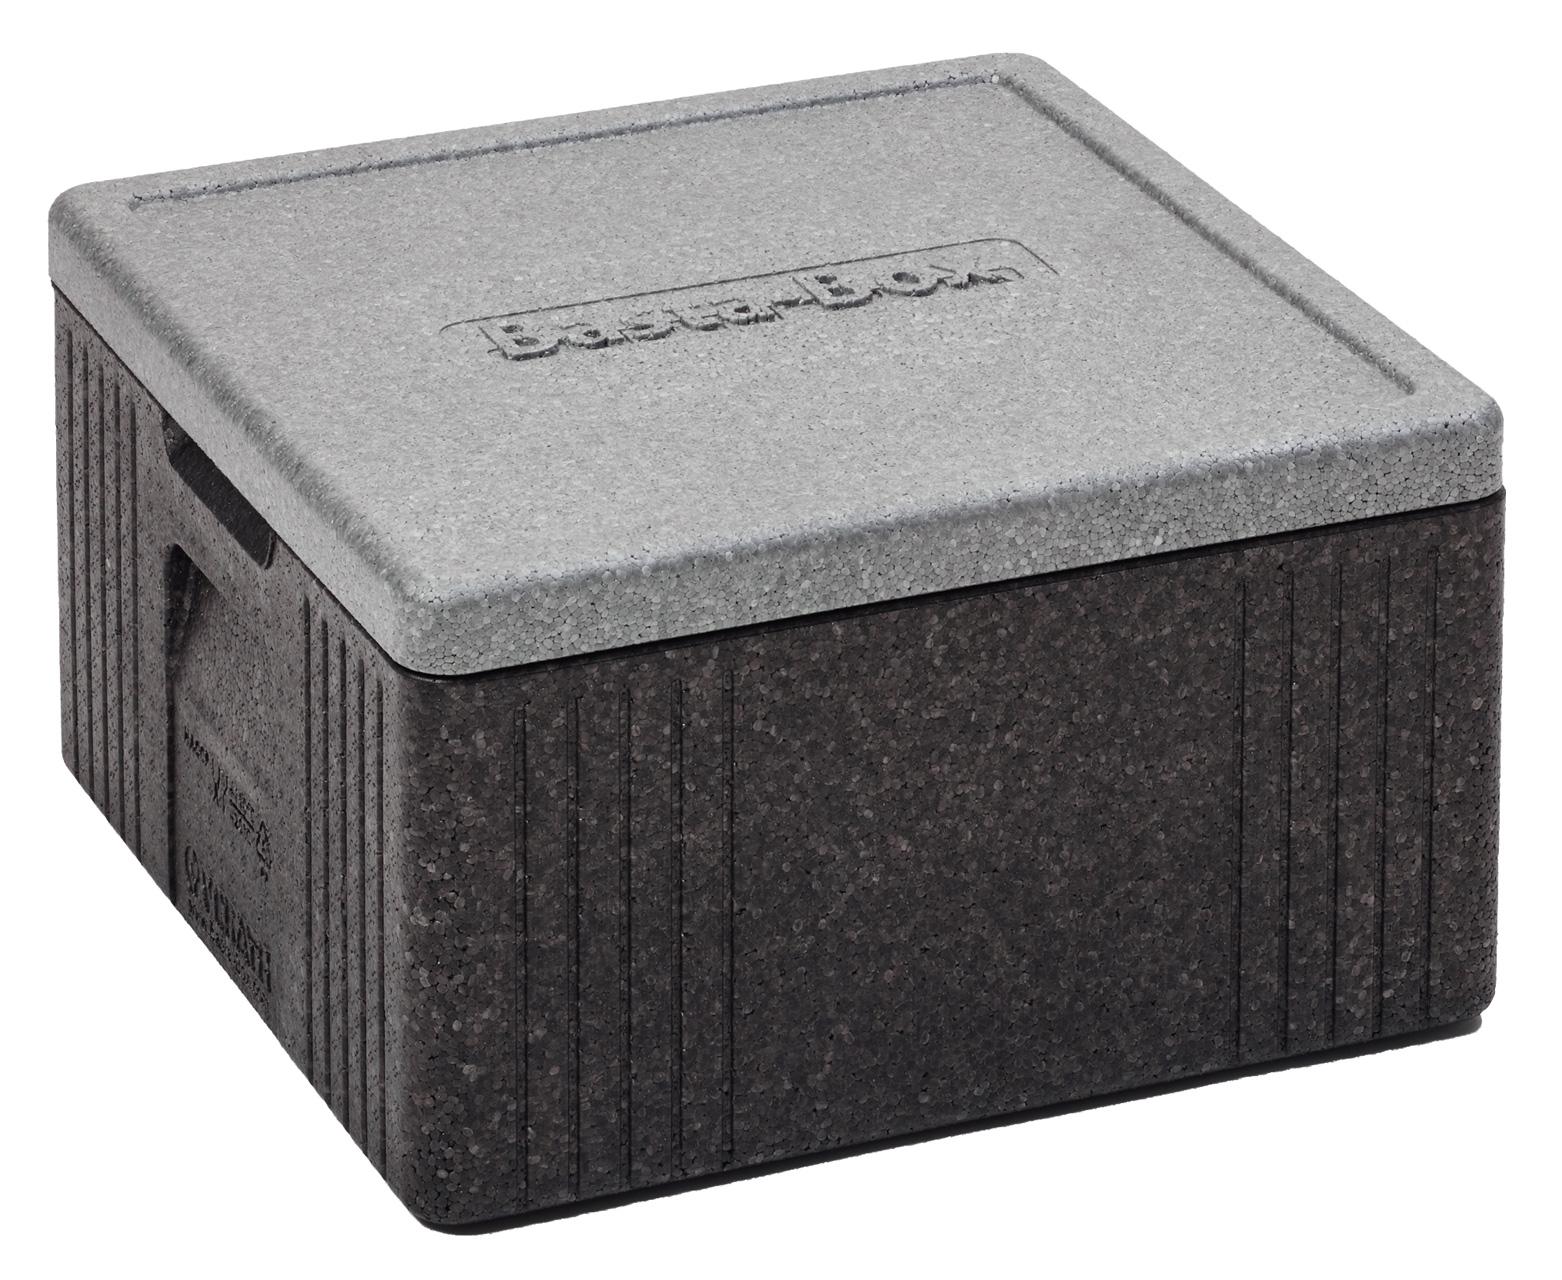 Basta-Box S, Isolier- und Transportbox, Pizza-Box